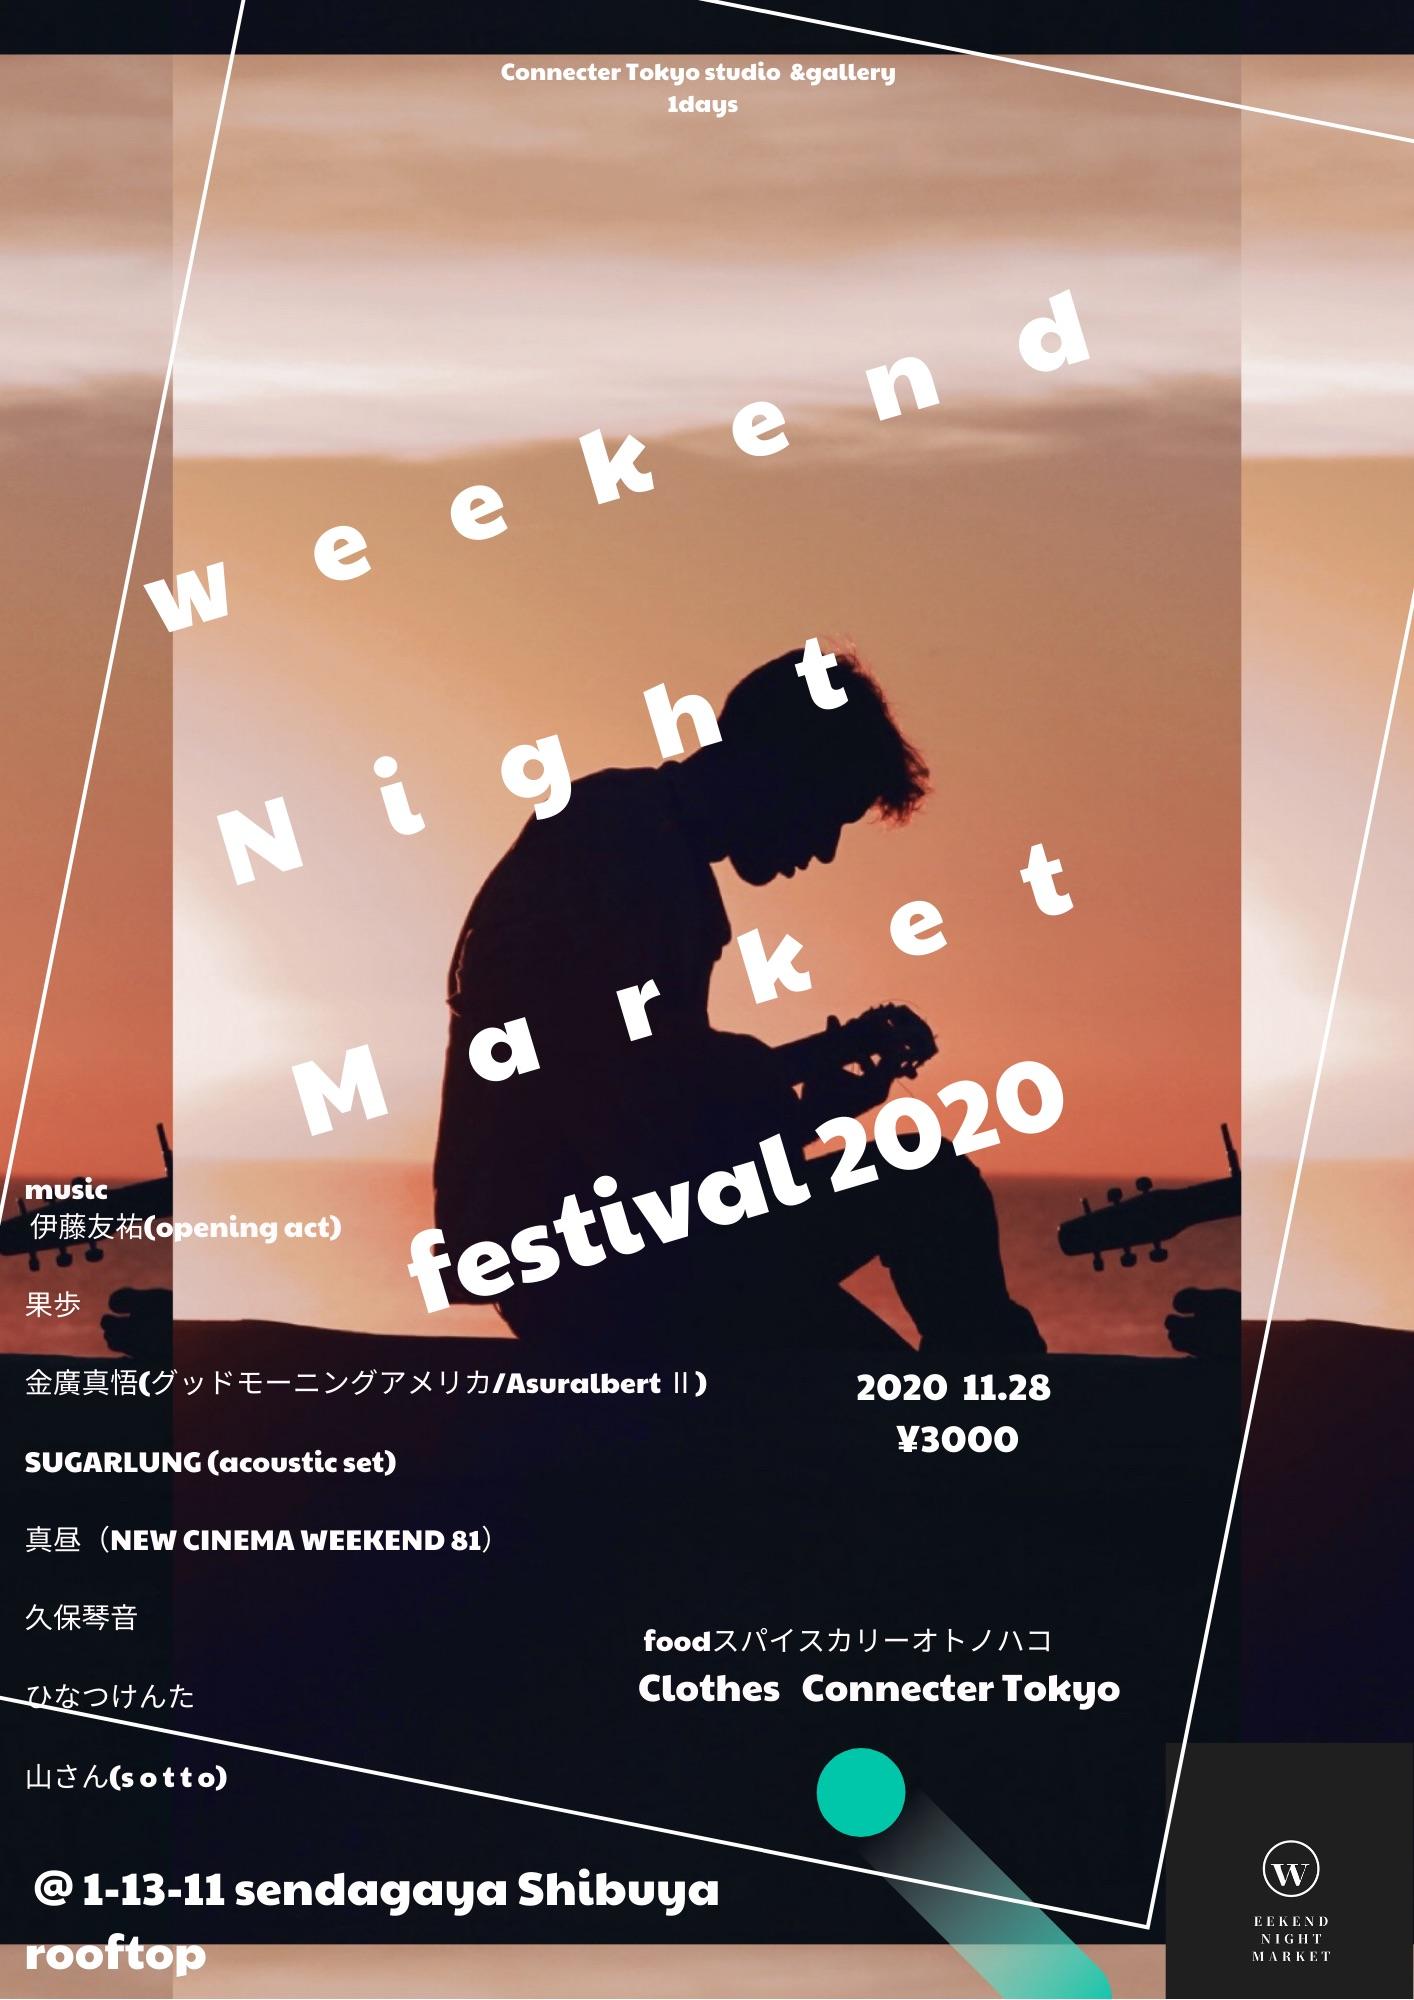 【11.28Weekend Night Market Festival 2020開催決定】